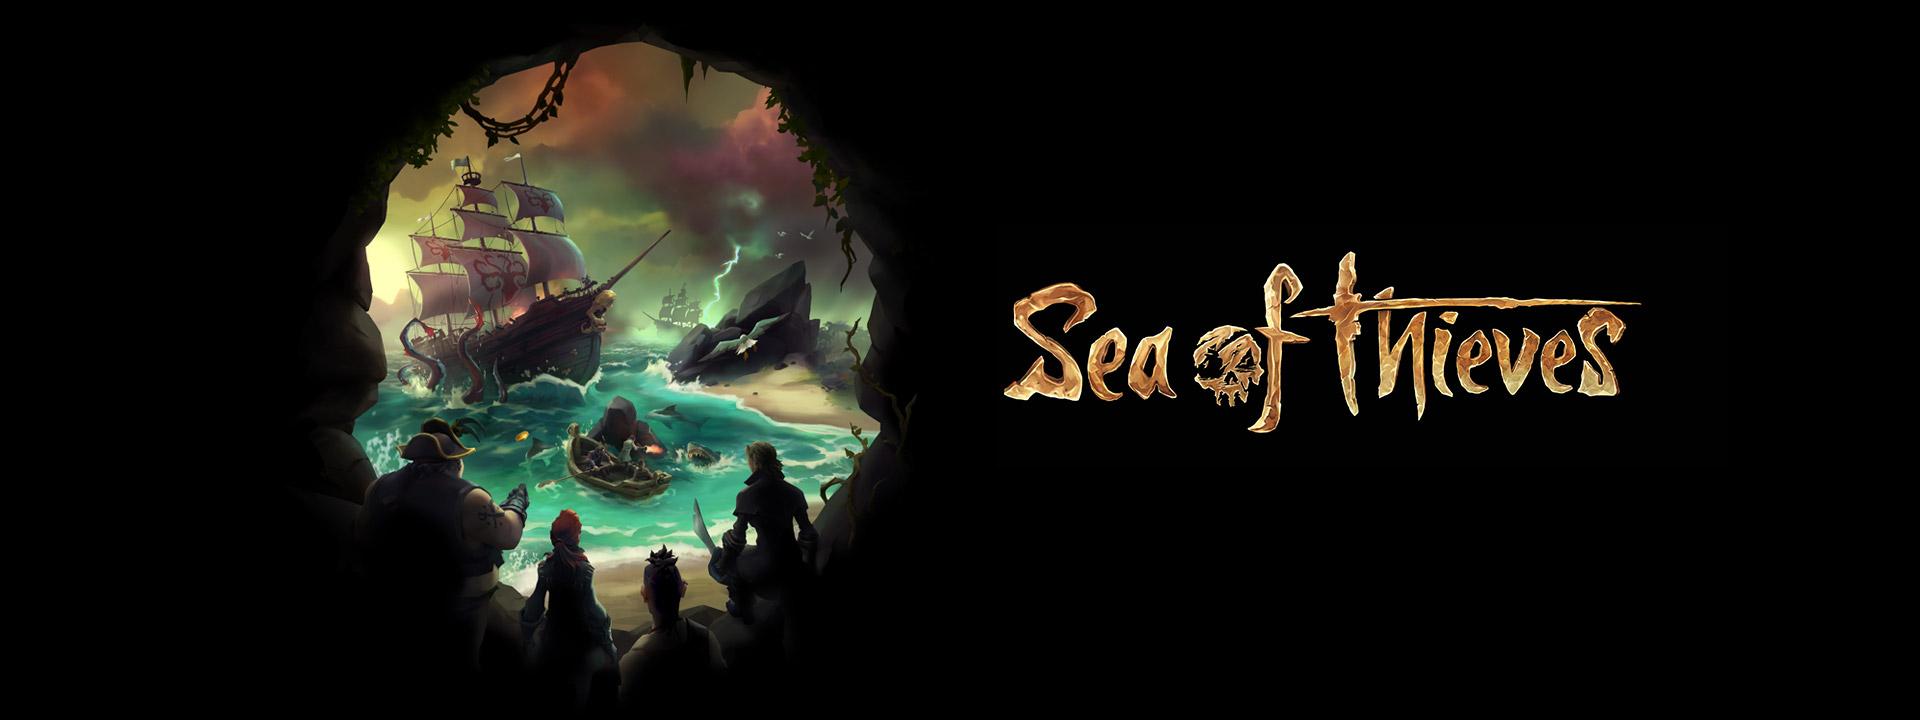 《盗贼之海》评测:轻松惬意的海上探险之旅